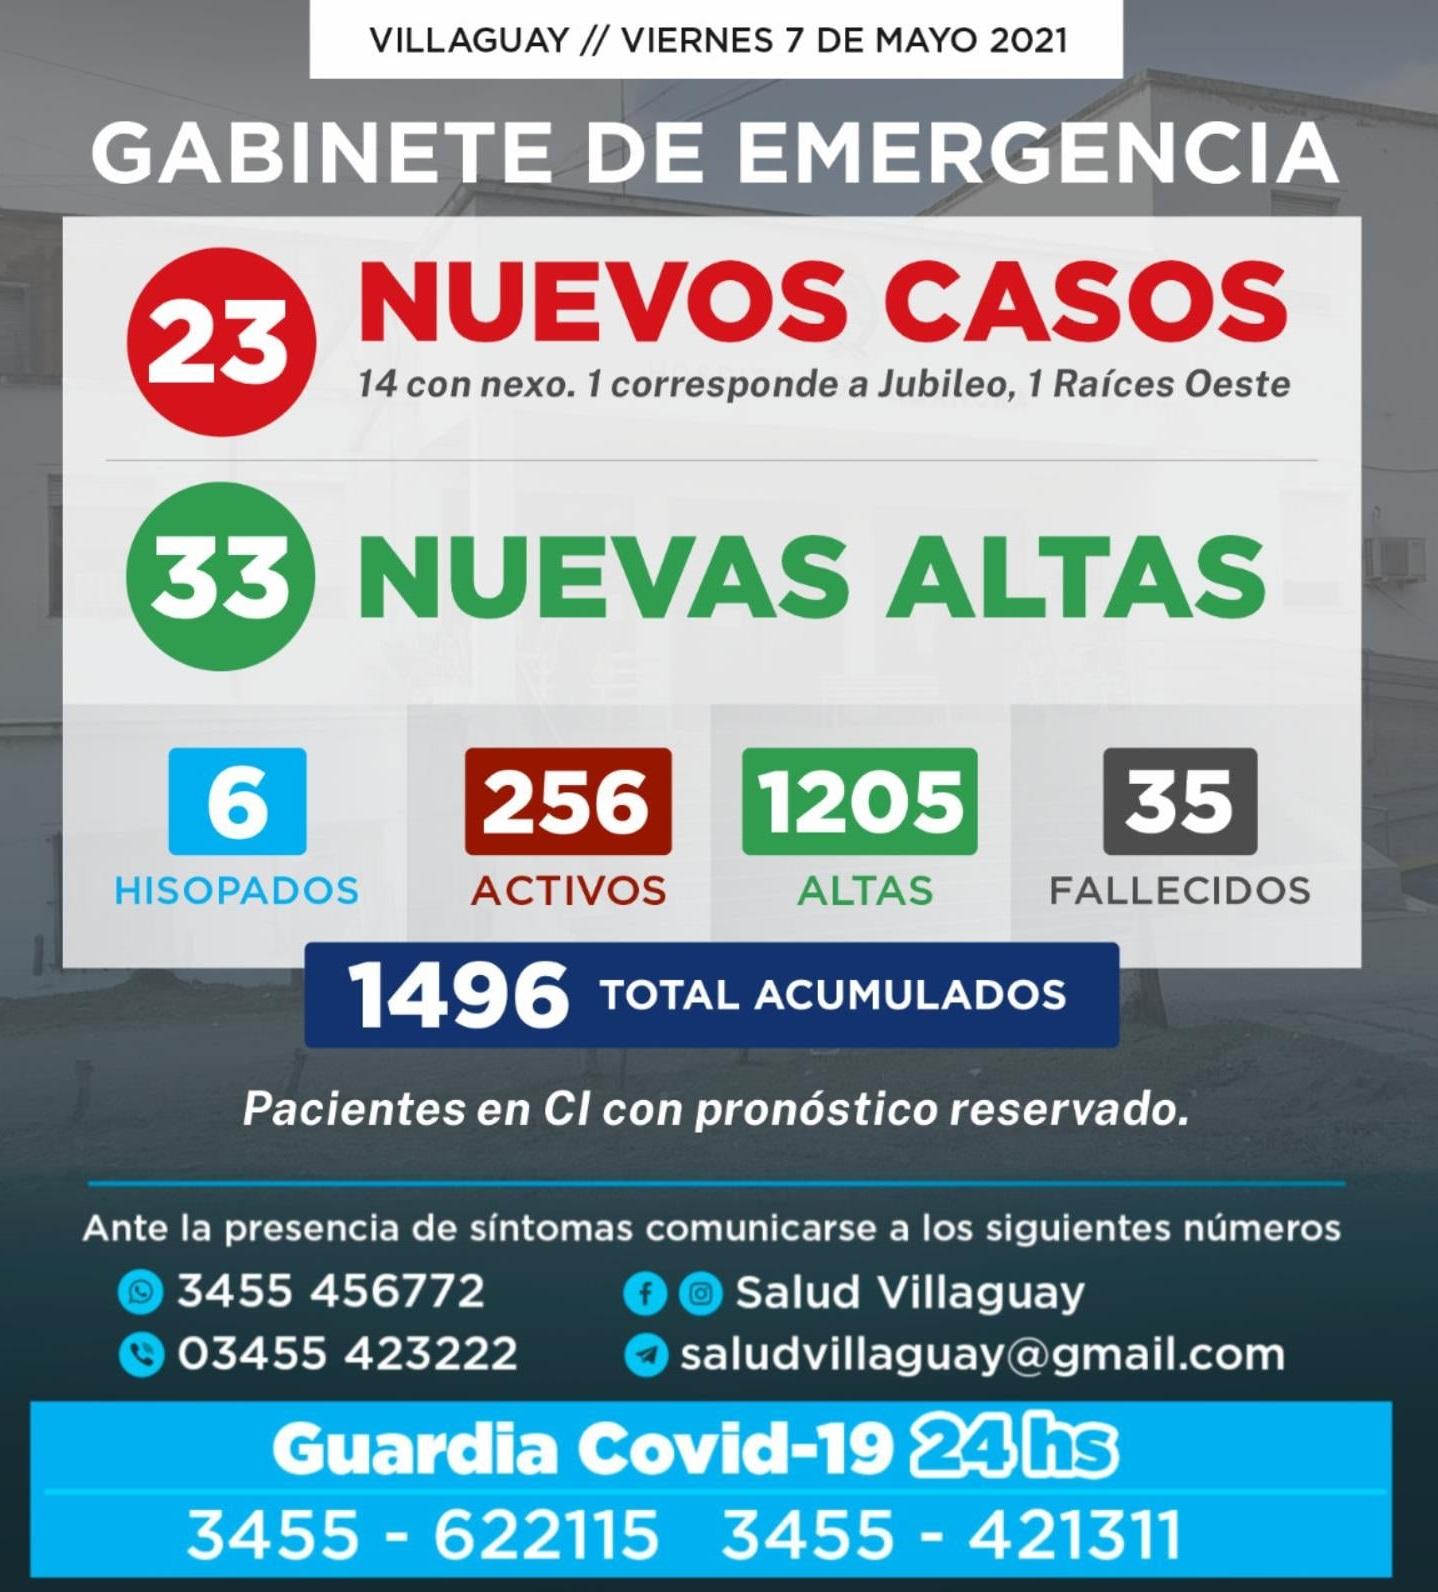 GABINETE DE EMERGENCIA DE VILLAGUAY: Reportó éste Viernes 7/05, 23 nuevos casos de Covid-19